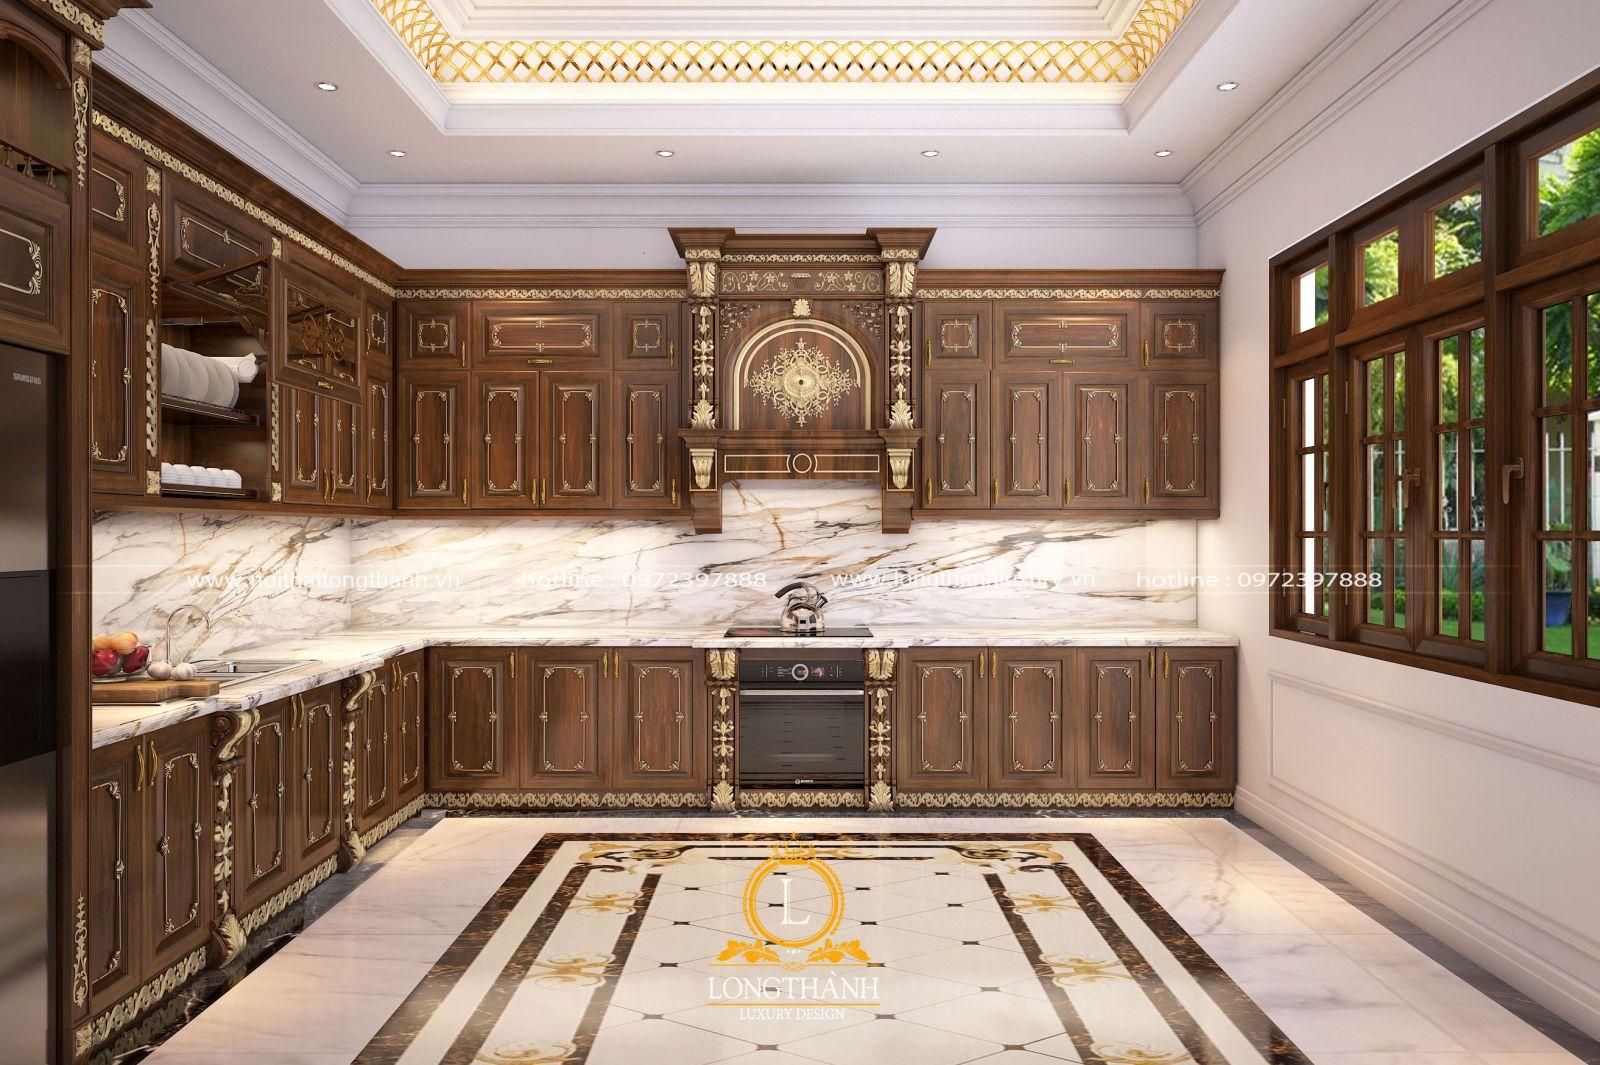 Bộ tủ bếp  tân cổ điển dát vàng ấn tượng được thiết kế và sản xuất bởi Long Thành